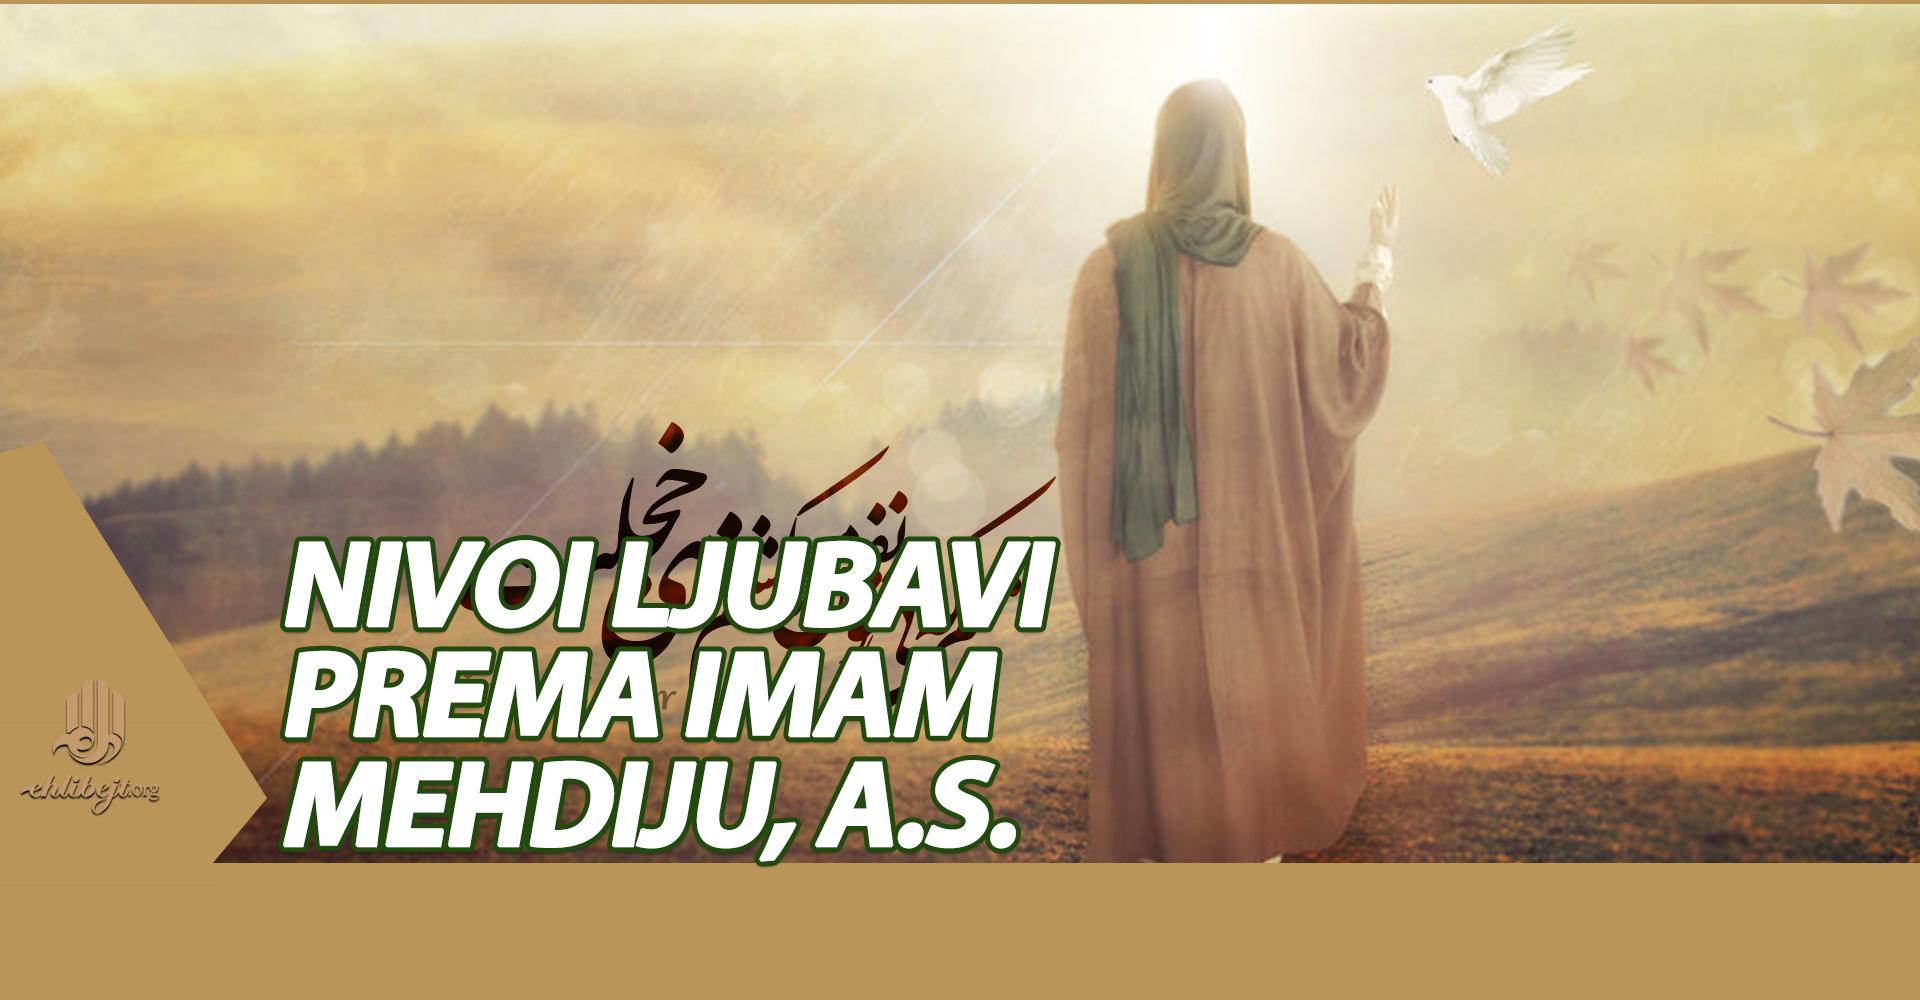 Nivoi ljubavi prema Imam Mehdiju, a.s.